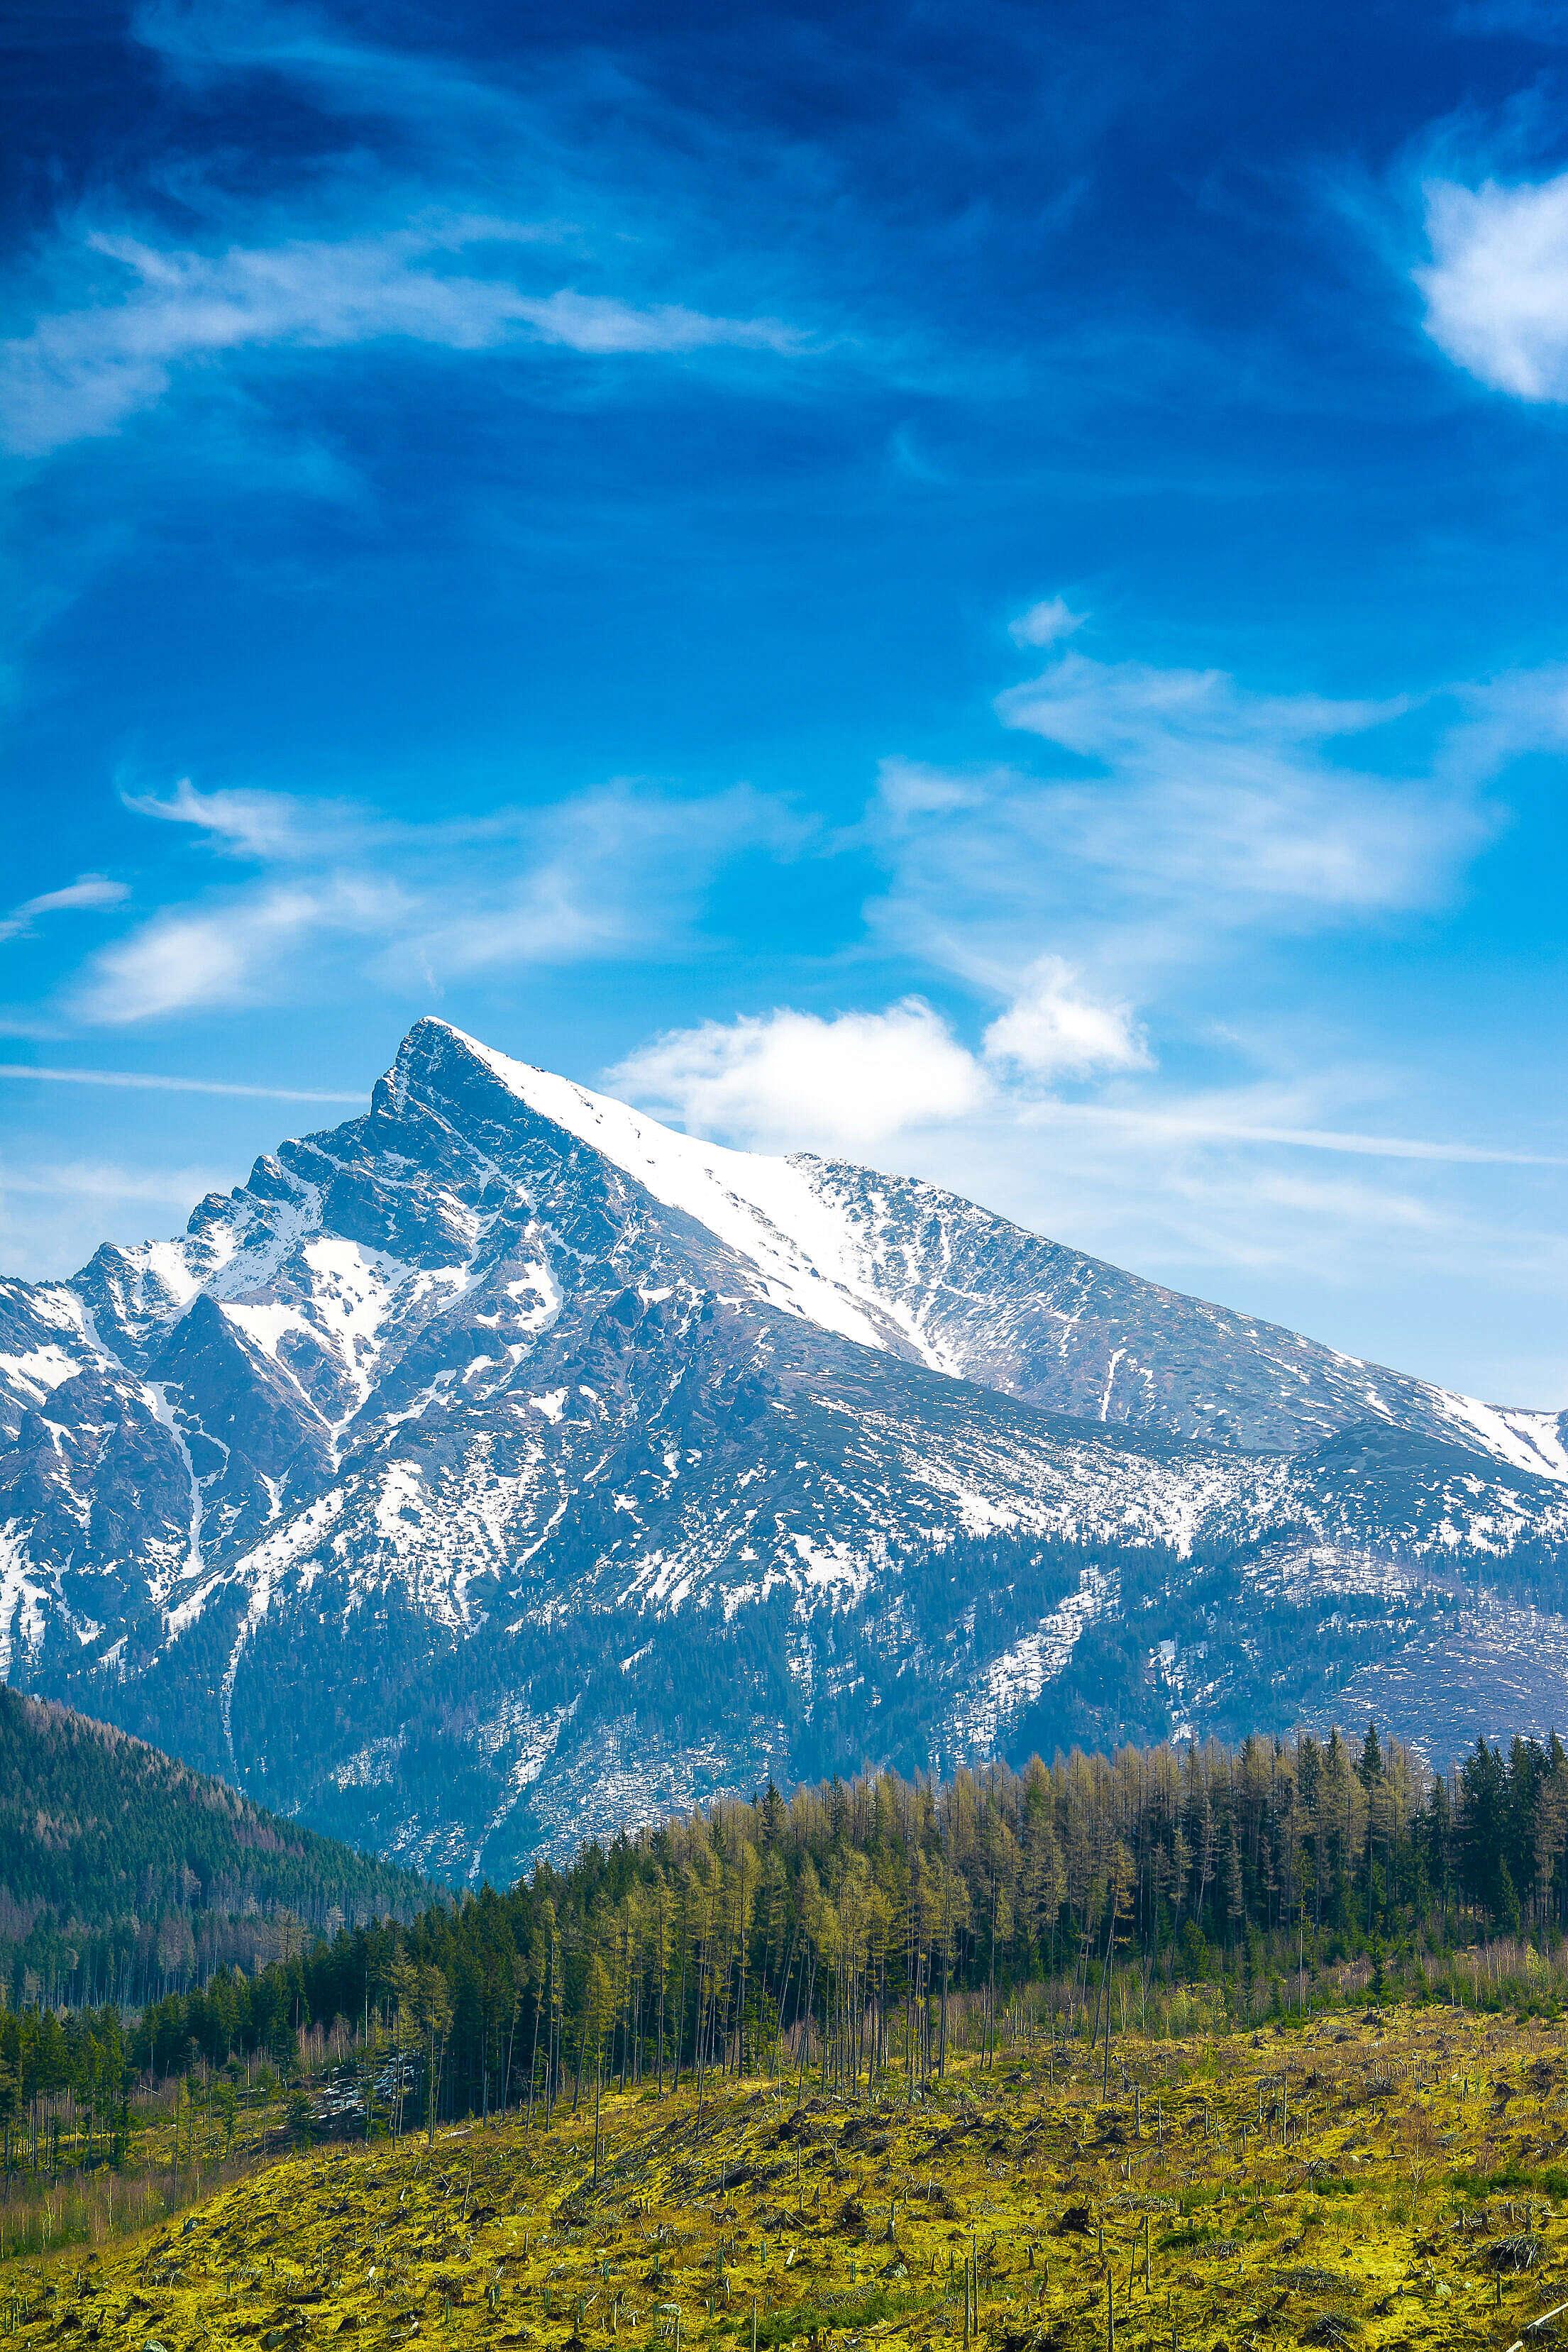 Krivan Mountain Peak in Slovakia Free Stock Photo